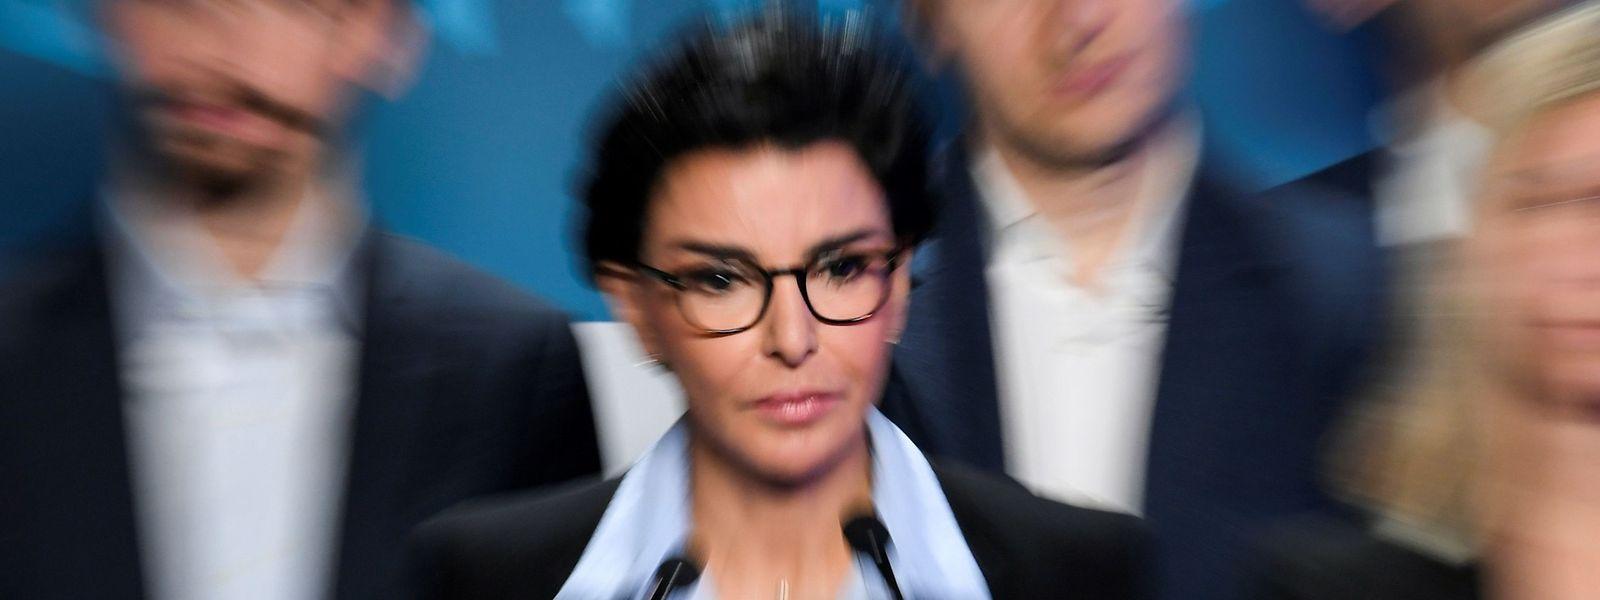 Rachida Dati ist der neue Star der Konservativen in Frankreich.